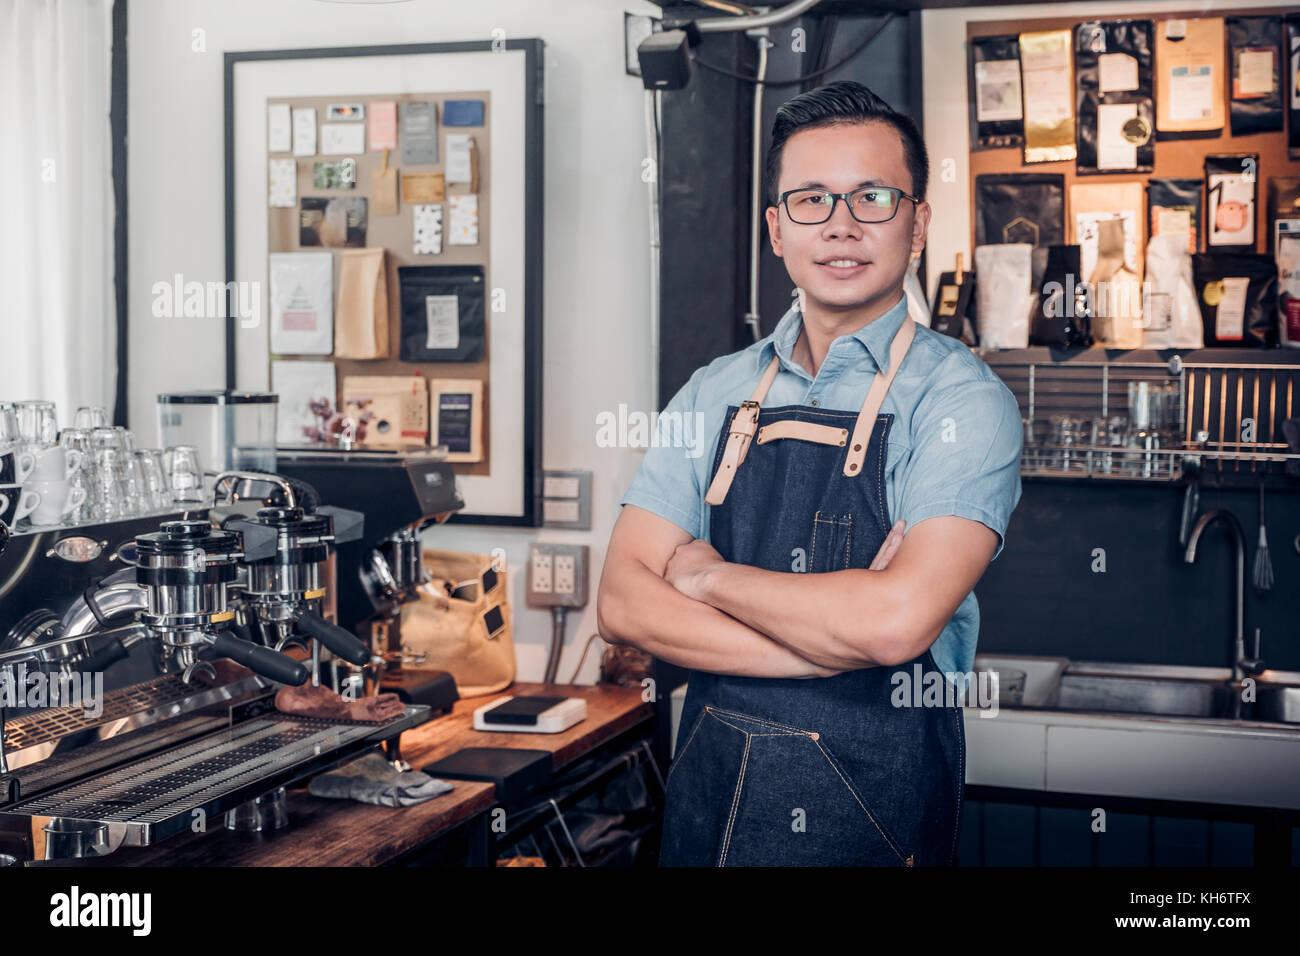 Café barista mâle propriétaire cross arms dans comptoir du magasin bar à l'intérieur d'un café, des boissons et Banque D'Images